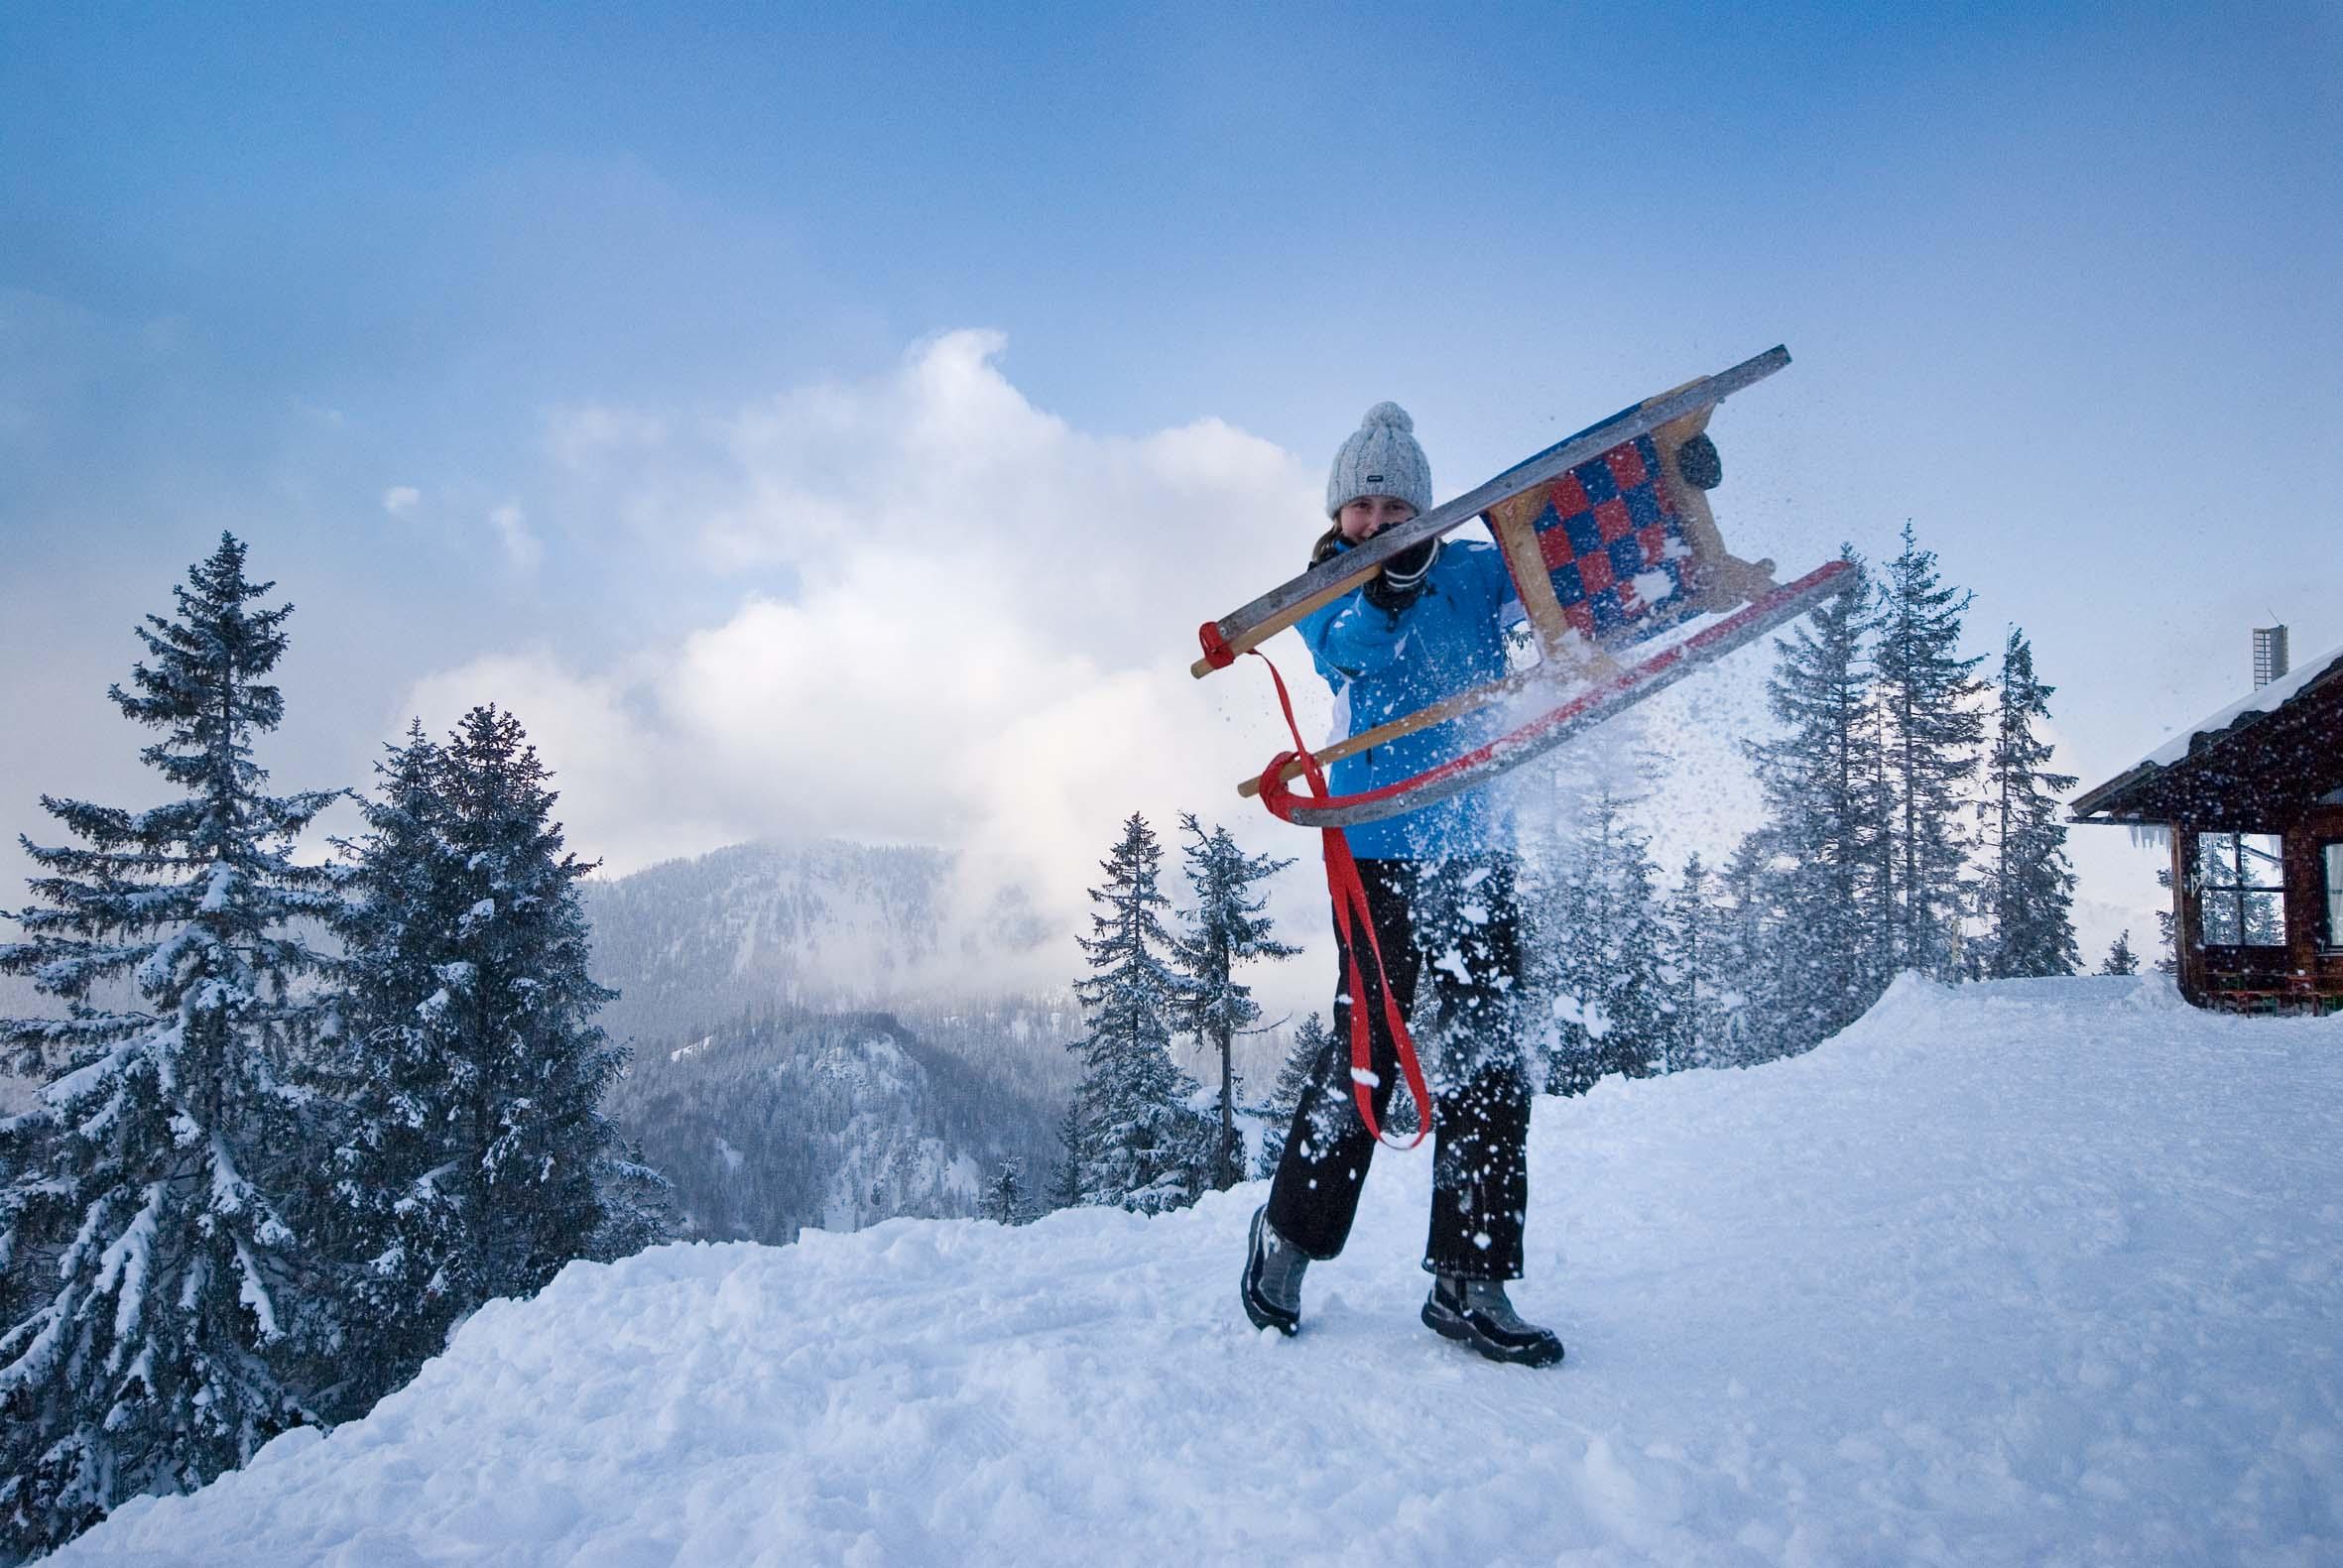 Urlaub in Berchtesgaden: Eine Schlittenfahrt vom Hochschwarzeck sollte unbedingt dabei sein!  Foto: (c) Berchtesgadener Land Tourismus GmbH